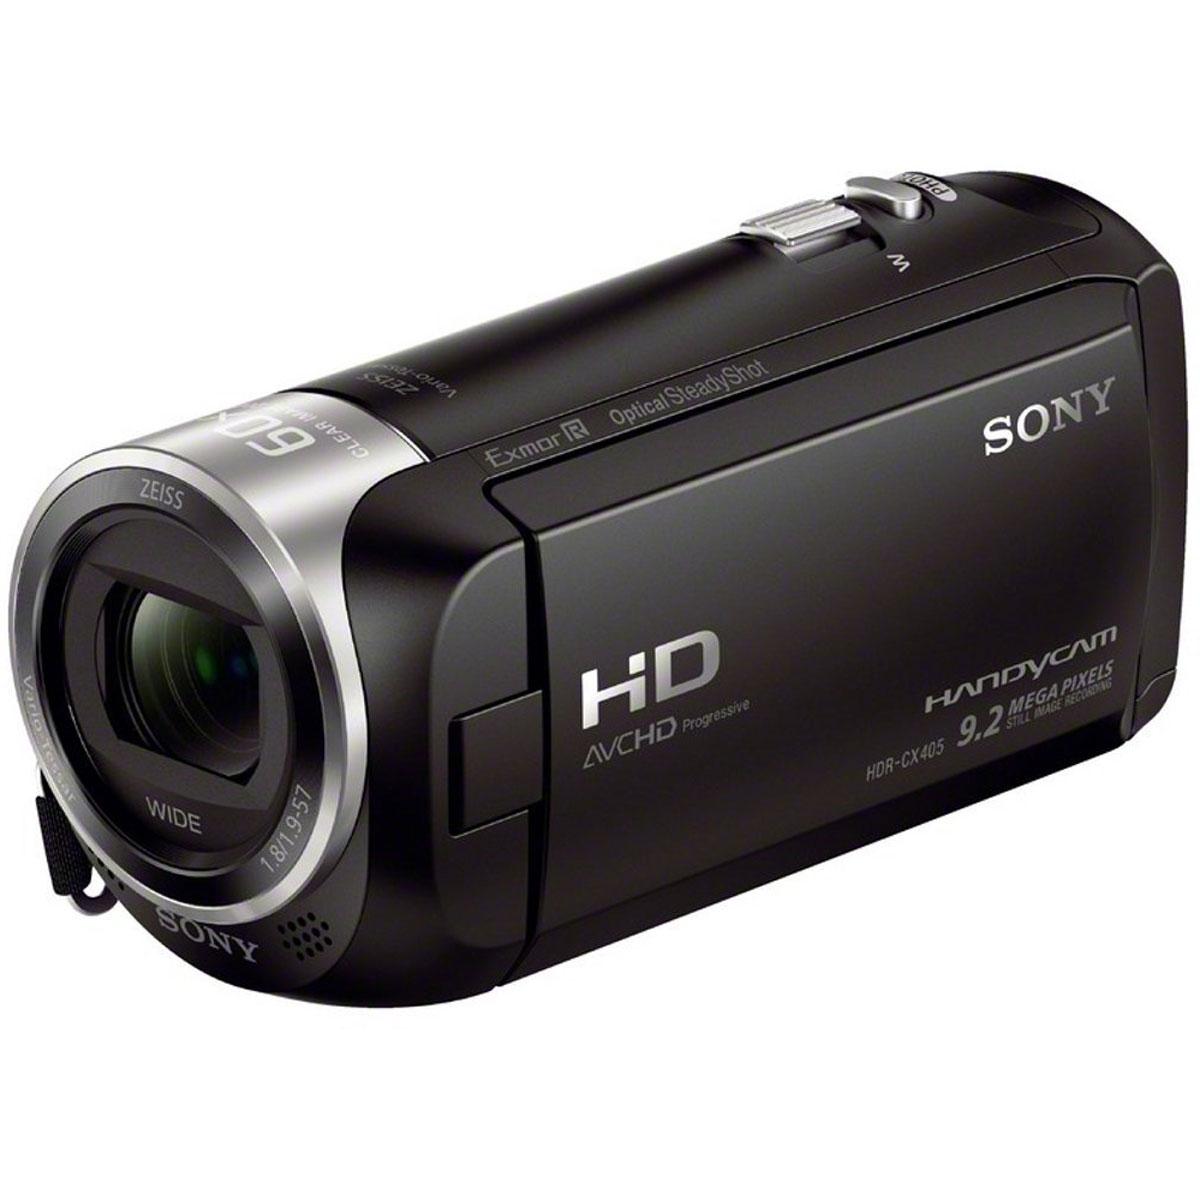 Sony HDR-CX405B видеокамераHDRCX405B.CELВидеокамера Sony HDR-CX405B с возможностью записи в форматах HD и XAVC S и технологией стабилизации изображения Optical SteadyShot.Оптический стабилизатор Optical SteadyShot с интеллектуальным активным режимом:Усовершенствованная стабилизация изображения обеспечивает четкость записи даже при отсутствии устойчивости камеры при съемке.Широкоугольный объектив до 26,8 мм:Если вы снимаете видео или занимаетесь фотосъемкой, лучший в своем классе широкоугольный объектив дает больше возможностей при съемке пейзажей и сцен внутри помещения, когда у вас недостаточно места, чтобы отступить назад. Даже без широкоугольной насадки на объектив некоторые видеокамеры снимают на фокусном расстоянии 26,8 мм (при соотношении сторон изображения 16:9) в режиме видео.Motion Shot Video:Режим MotionShot Video позволяет воспроизвести серию наложенных изображений, проследить динамику движения объекта съемки в каждой фазе и внимательно проанализировать все в деталях. Во время воспроизведения вы можете регулировать интервал или приостановить воспроизведение, чтобы извлечь кадр и поделиться фотографией.Встроенный USB-кабель:Встроенный USB-кабель, уложенный в наручный ремешок, очень удобно использовать для быстрой зарядки и подключения к компьютеру, поэтому нет необходимости носить с собой громоздкий дополнительный USB-кабель или адаптер переменного тока. Для зарядки без компьютера используйте компактный адаптер AC-USB (дополнительно).Процессор обработки изображений BIONZ X:Усовершенствованный процессор изображений BIONZ X помогает добиться реалистичности и точной передачи изображения, а также обеспечивает возможность более быстрой обработки.Объектив ZEISS:Разделяя стремление к непревзойденной производительности и выдающейся инженерной мысли, Sony и Carl Zeiss совместно разрабатывают объективы, которые сочетают в себе все лучшие возможности оптики с высококачественной электроникой и технологиями матрицы для камер Handycam от Sony.Функция одновременной запис